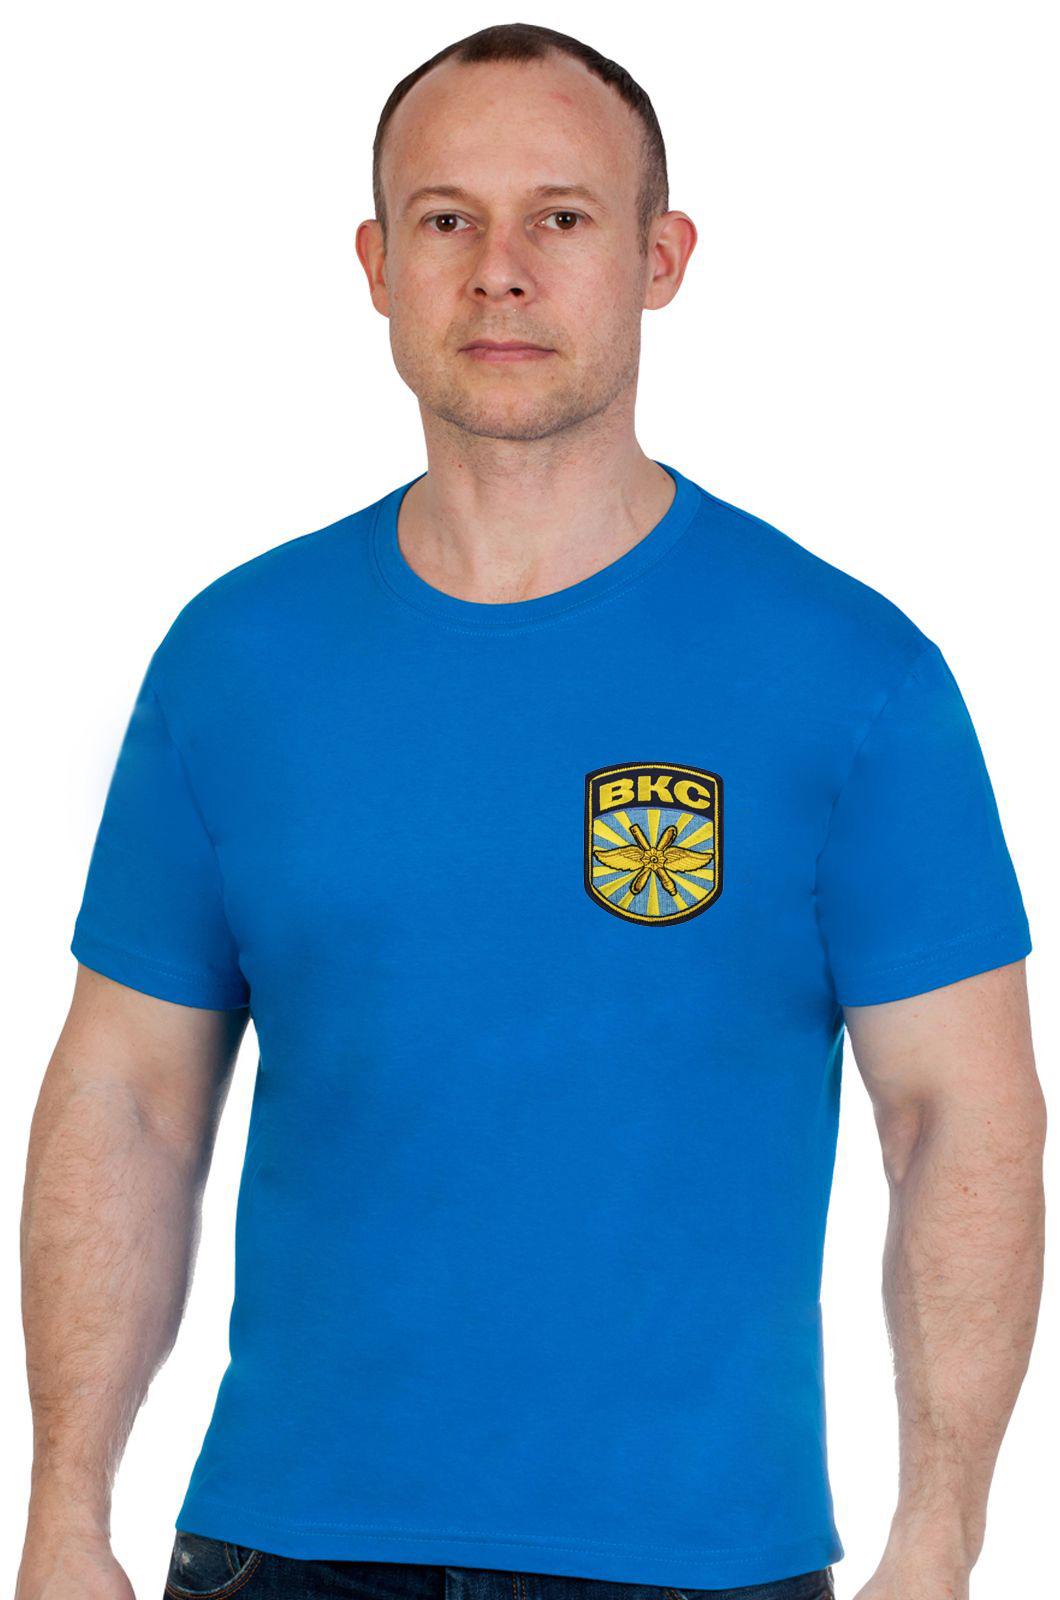 Купить синюю надежную футболку ВКС оптом или в розницу